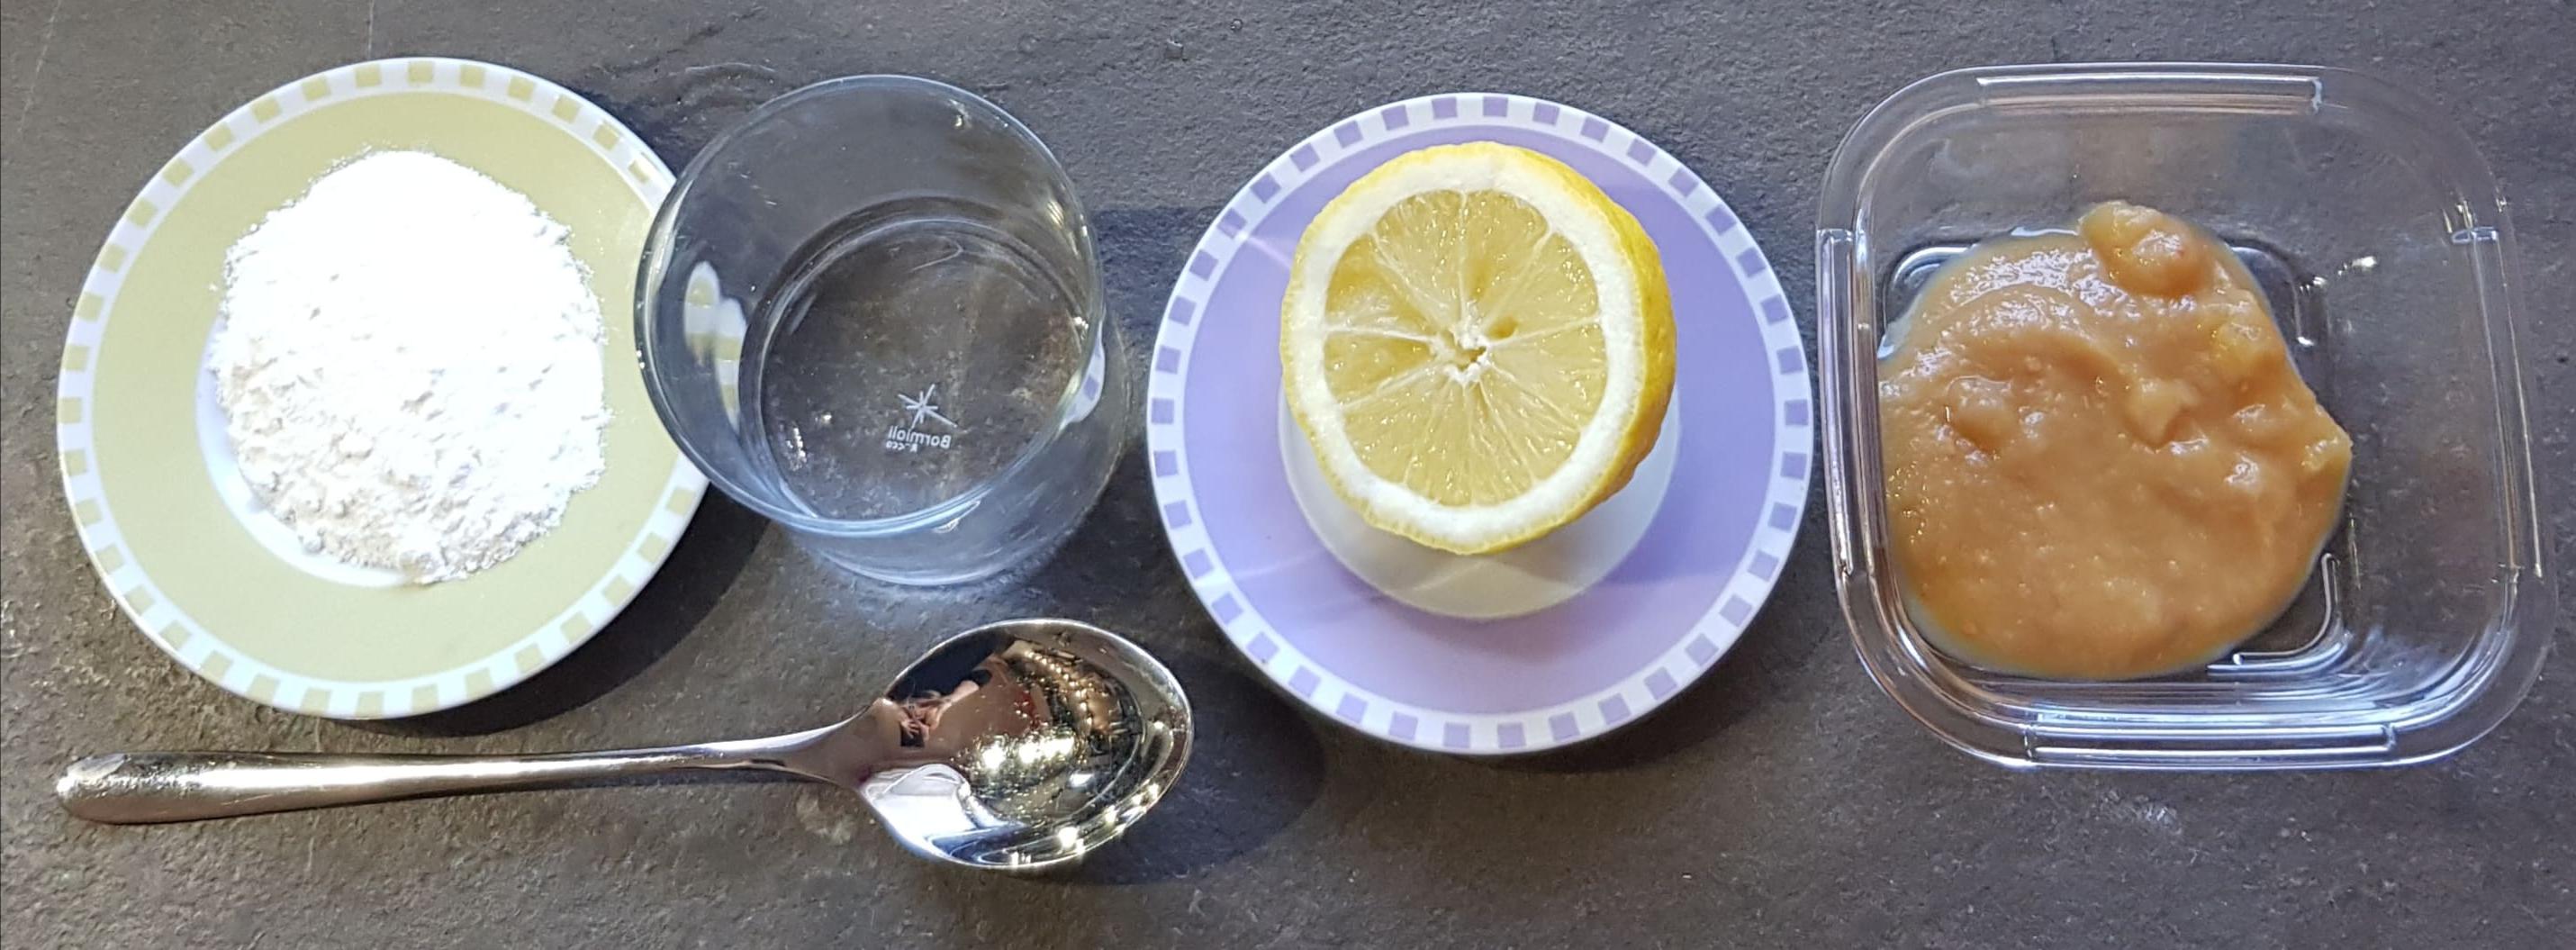 Ingredienti: lievito, acqua, limone, marmellata